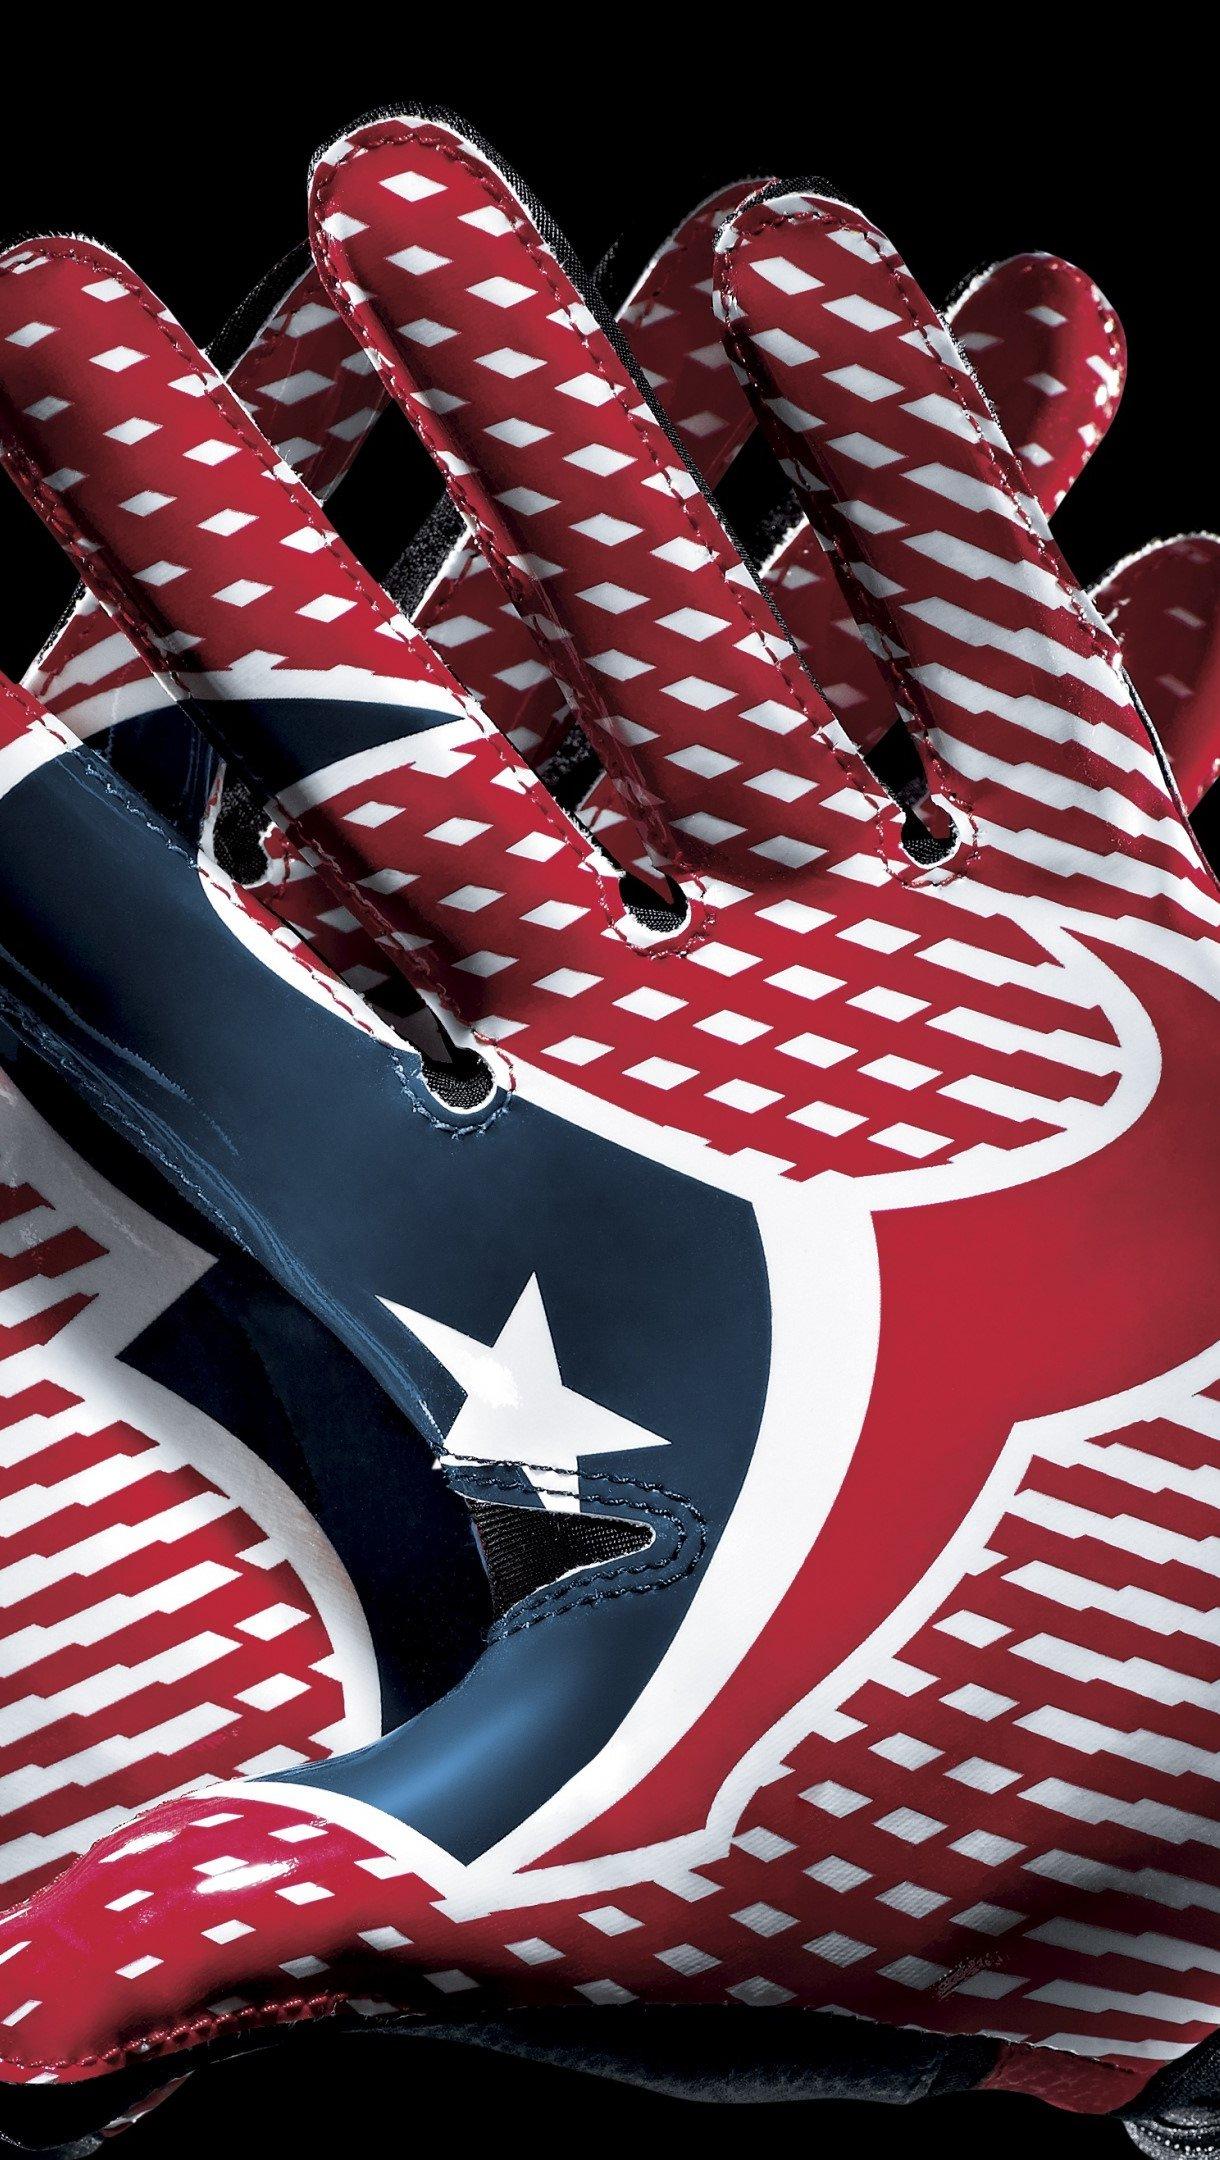 Fondos de pantalla Logo de Texas en guantes de futbol Vertical